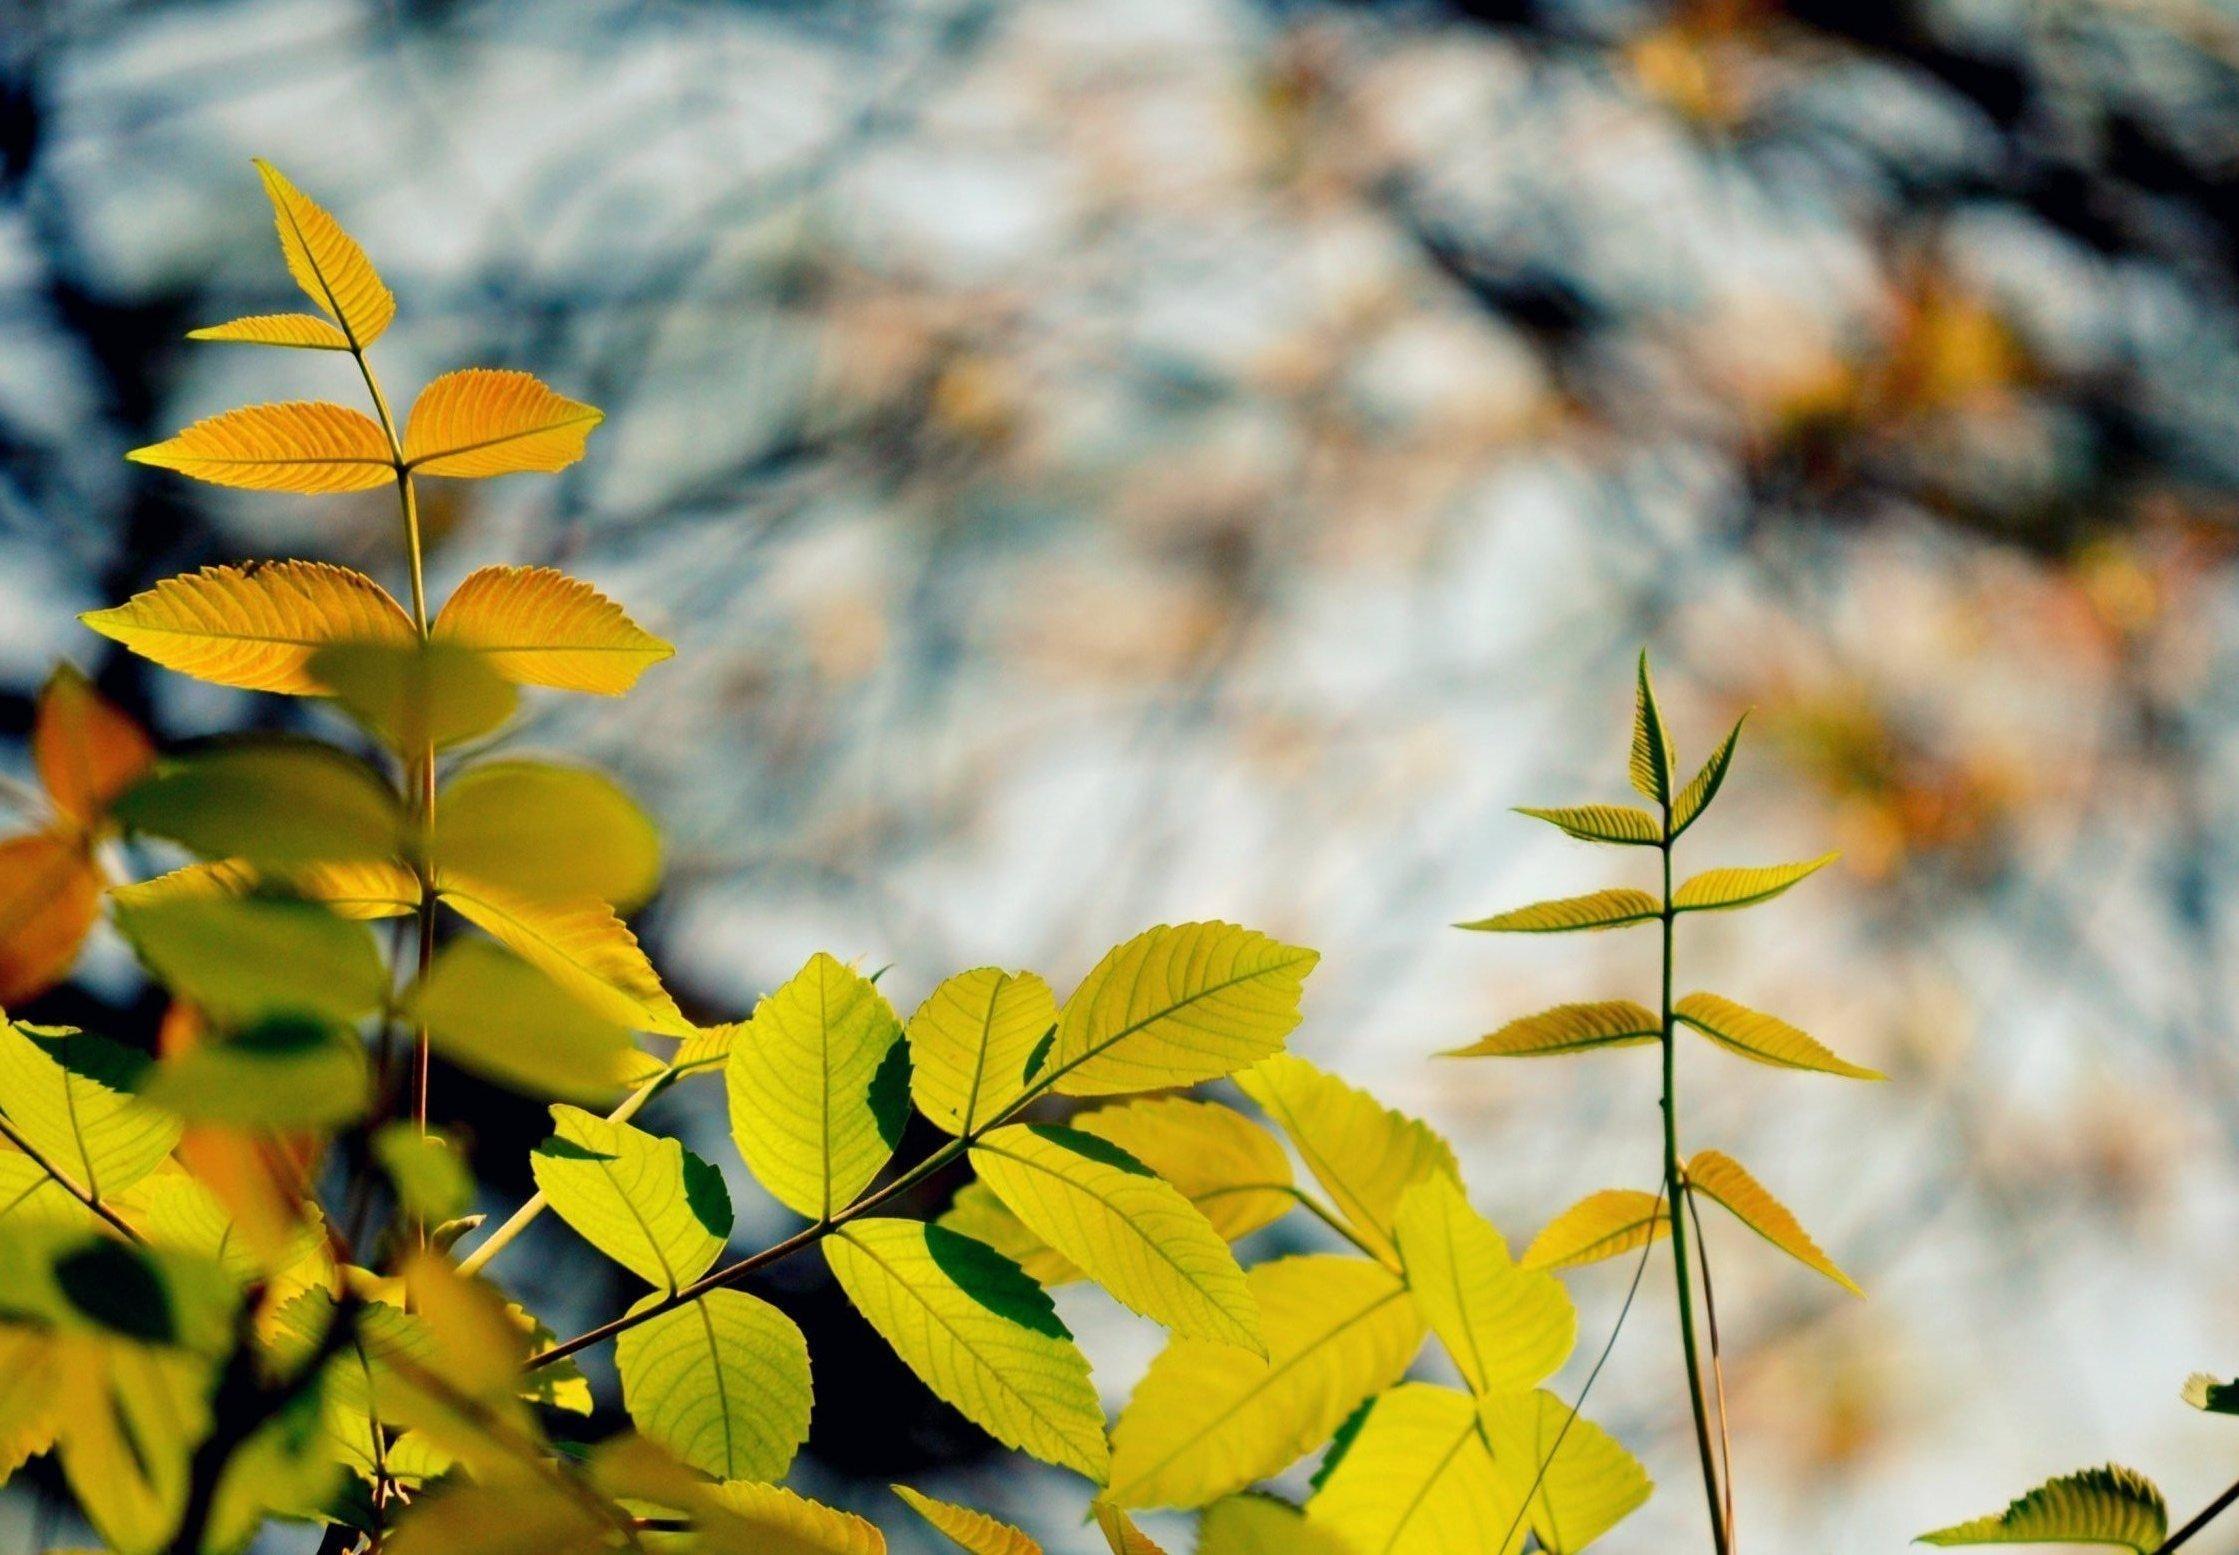 листья ветка фон  № 3219020 без смс